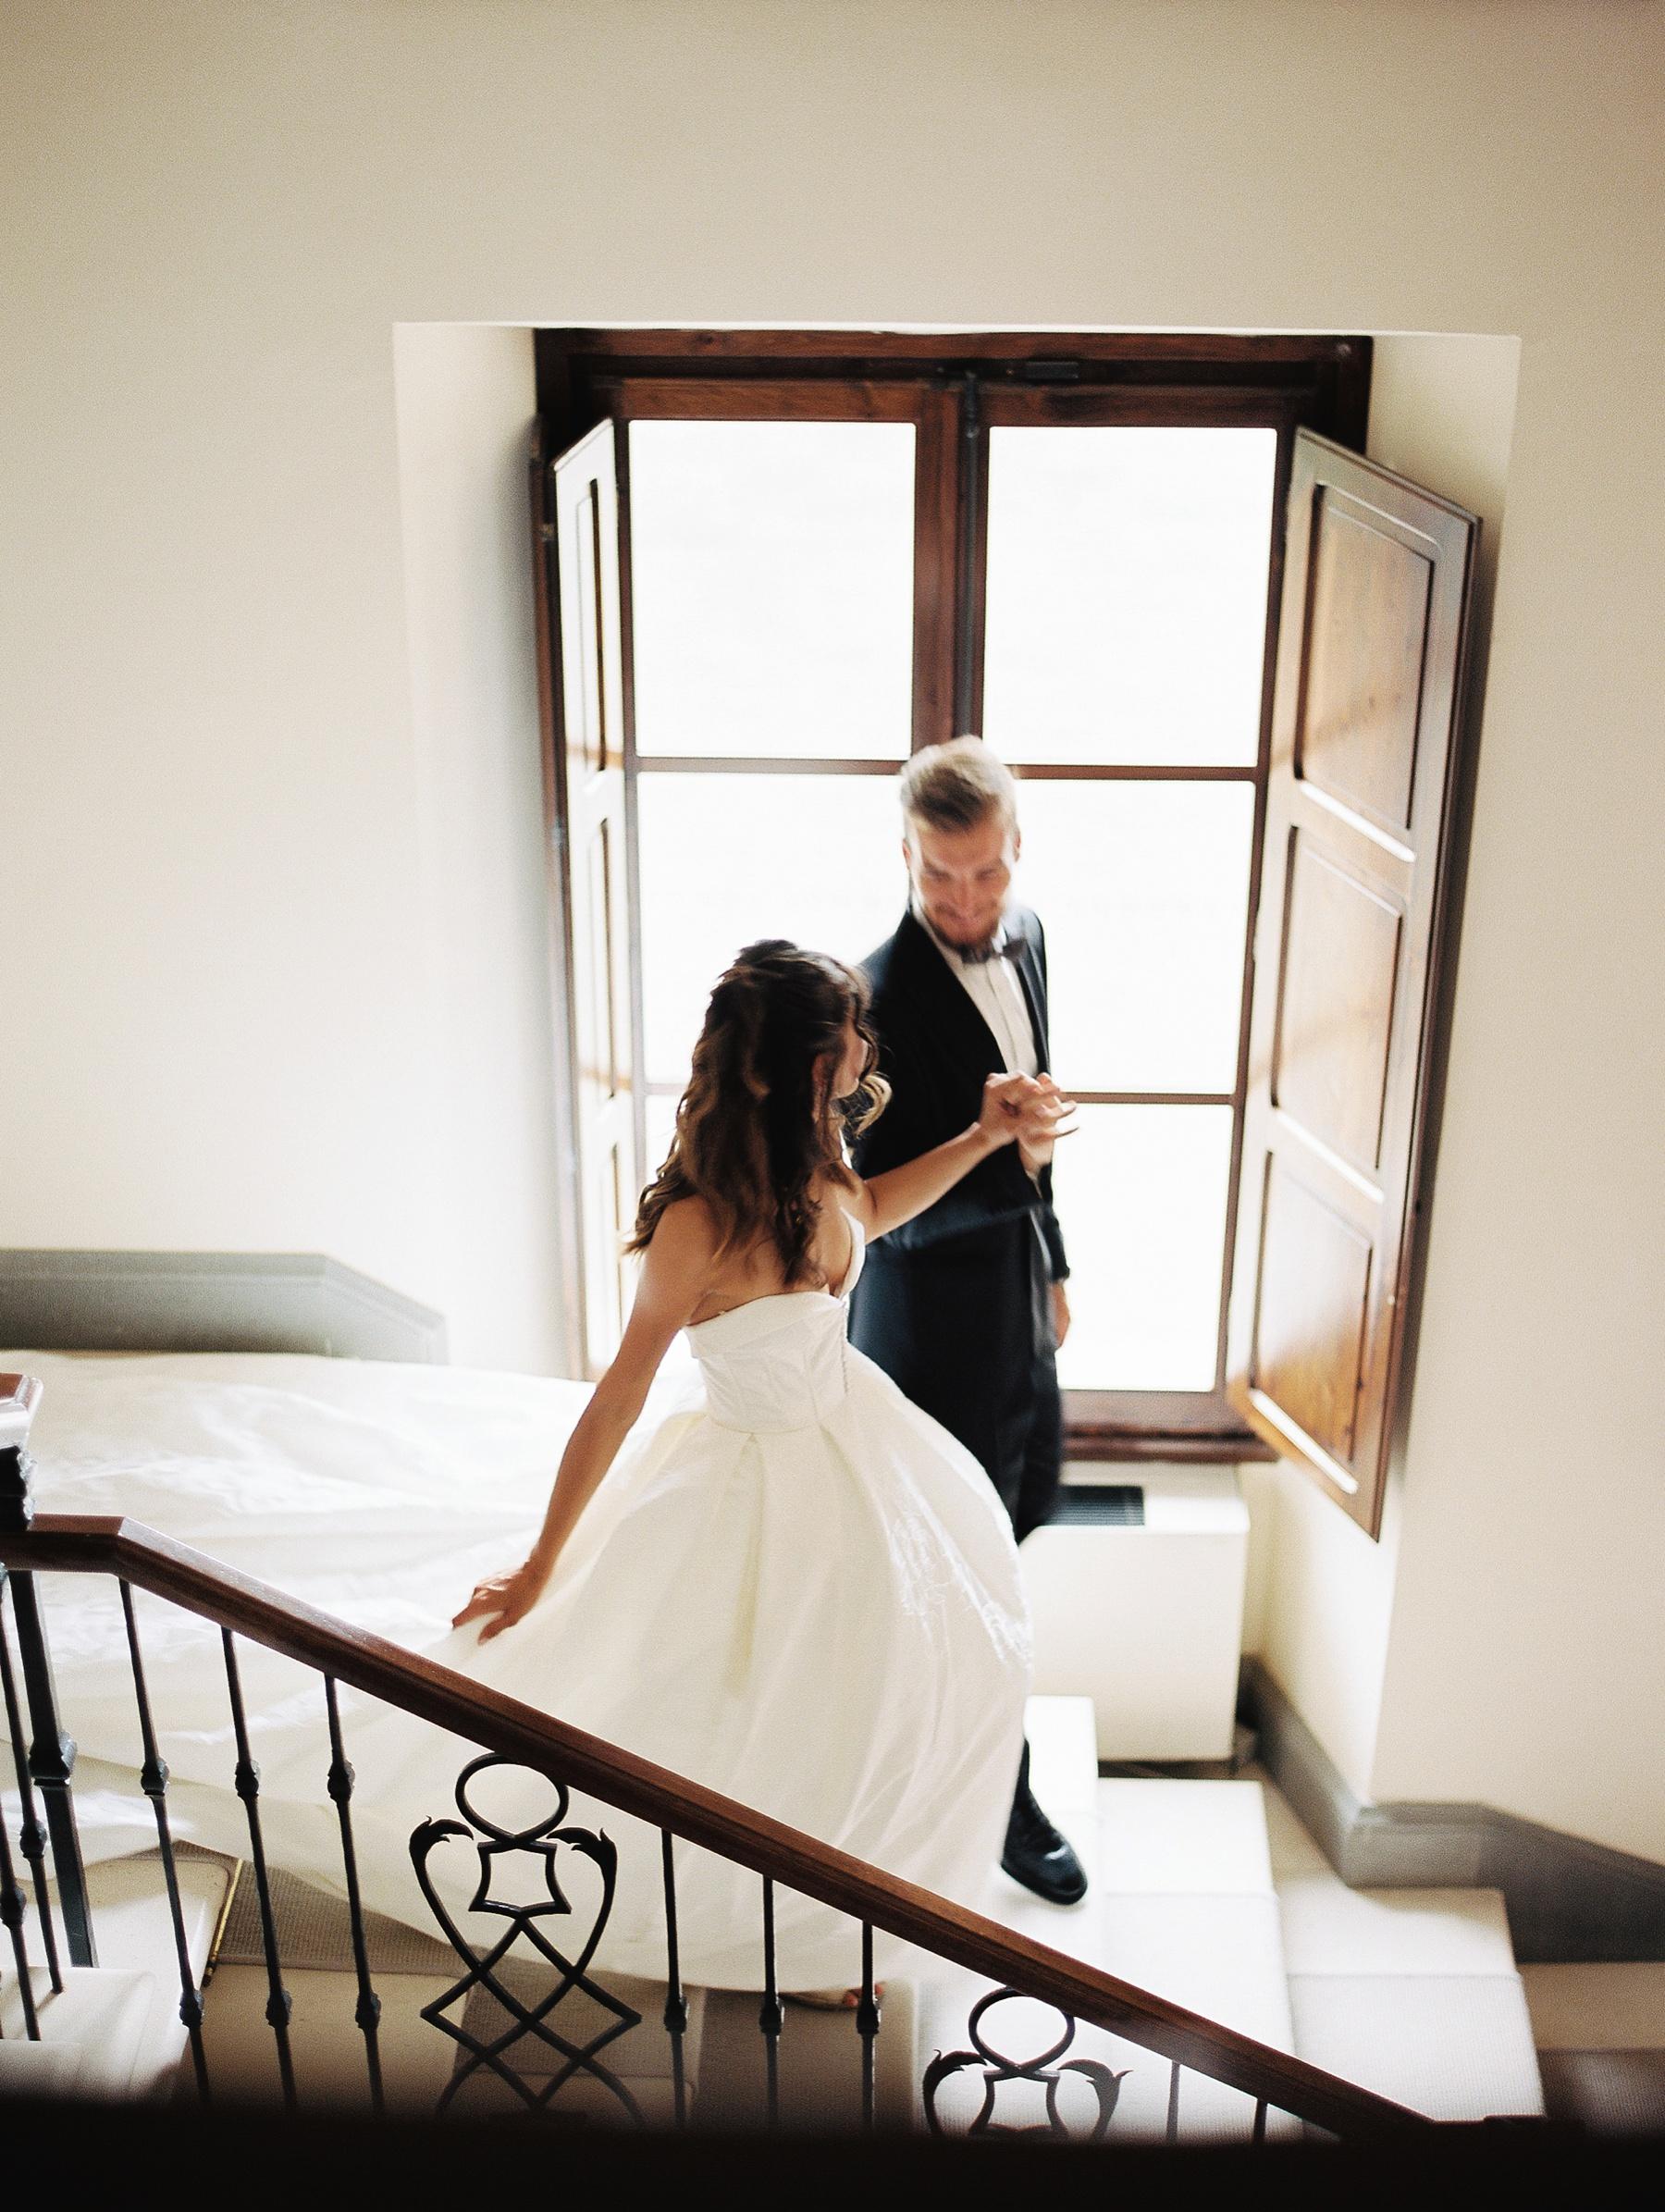 Il Borro Tuscany Italy Wedding Photographer_0822.jpg